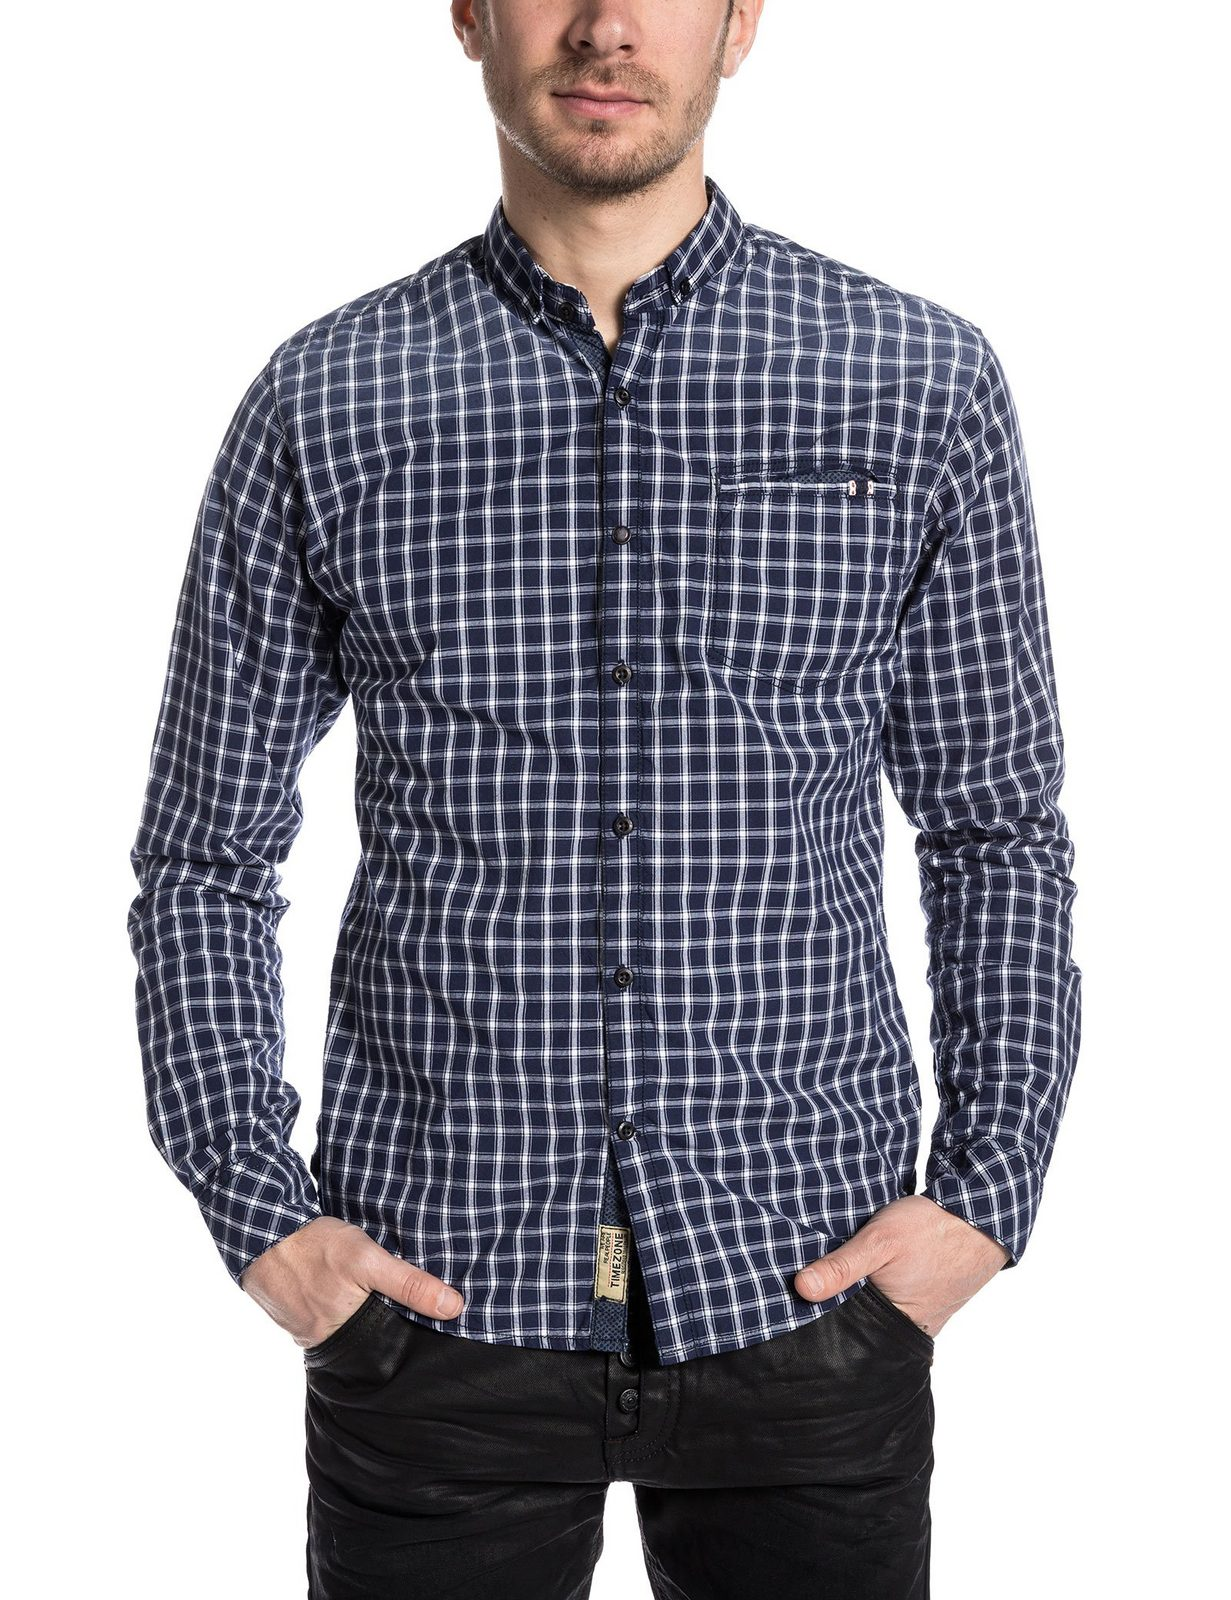 TIMEZONE Hemden (langarm) »CommonTZ«